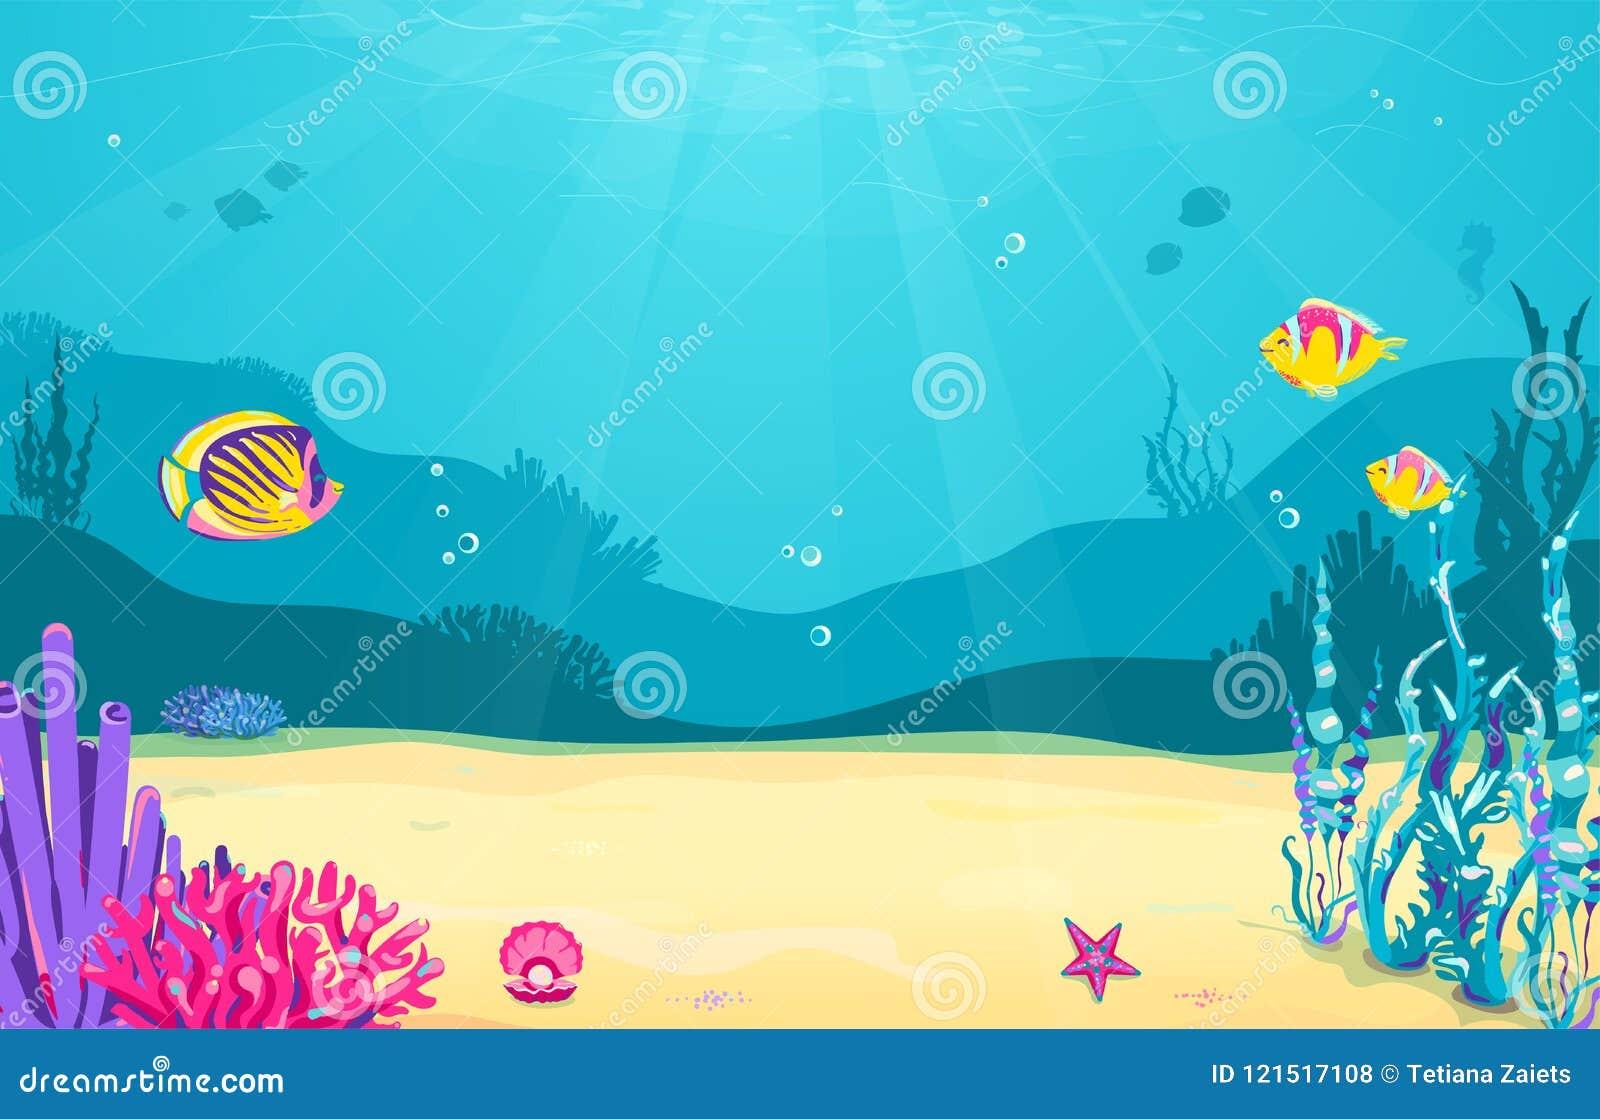 Fundo subaquático dos desenhos animados com peixes, areia, alga, pérola, medusa, coral, estrela do mar Vida marinha do oceano, pr